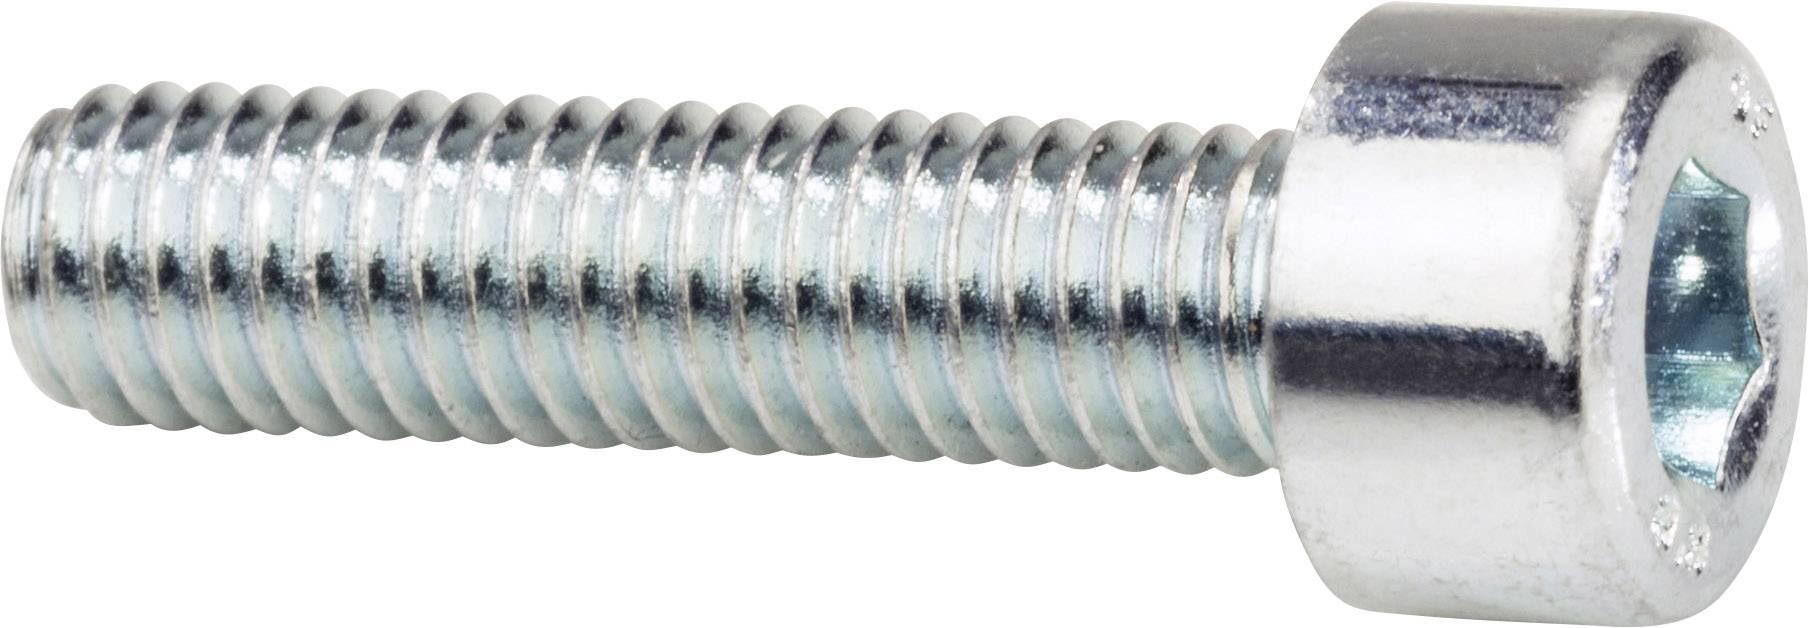 Šrouby s válcovou hlavou 912, 8x16, 100 ks